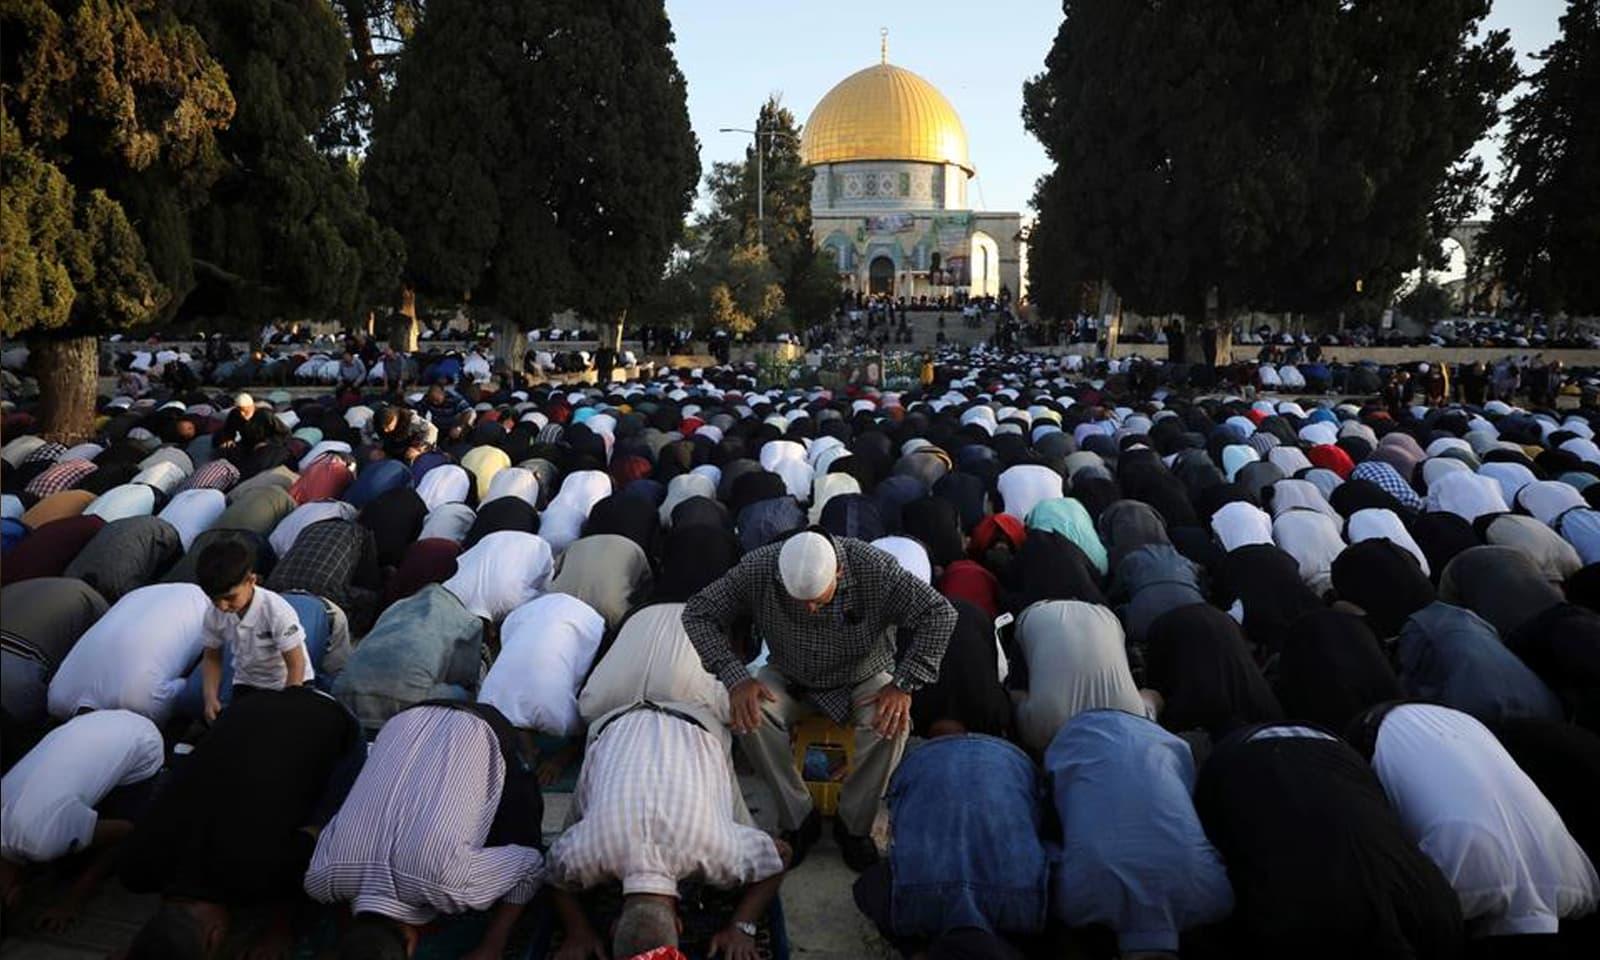 مسجد الاقصیٰ میں فلسطینی شہریوں کی ایک بڑی تعداد نماز عید میں شریک ہوئی —فوٹو: اے پی